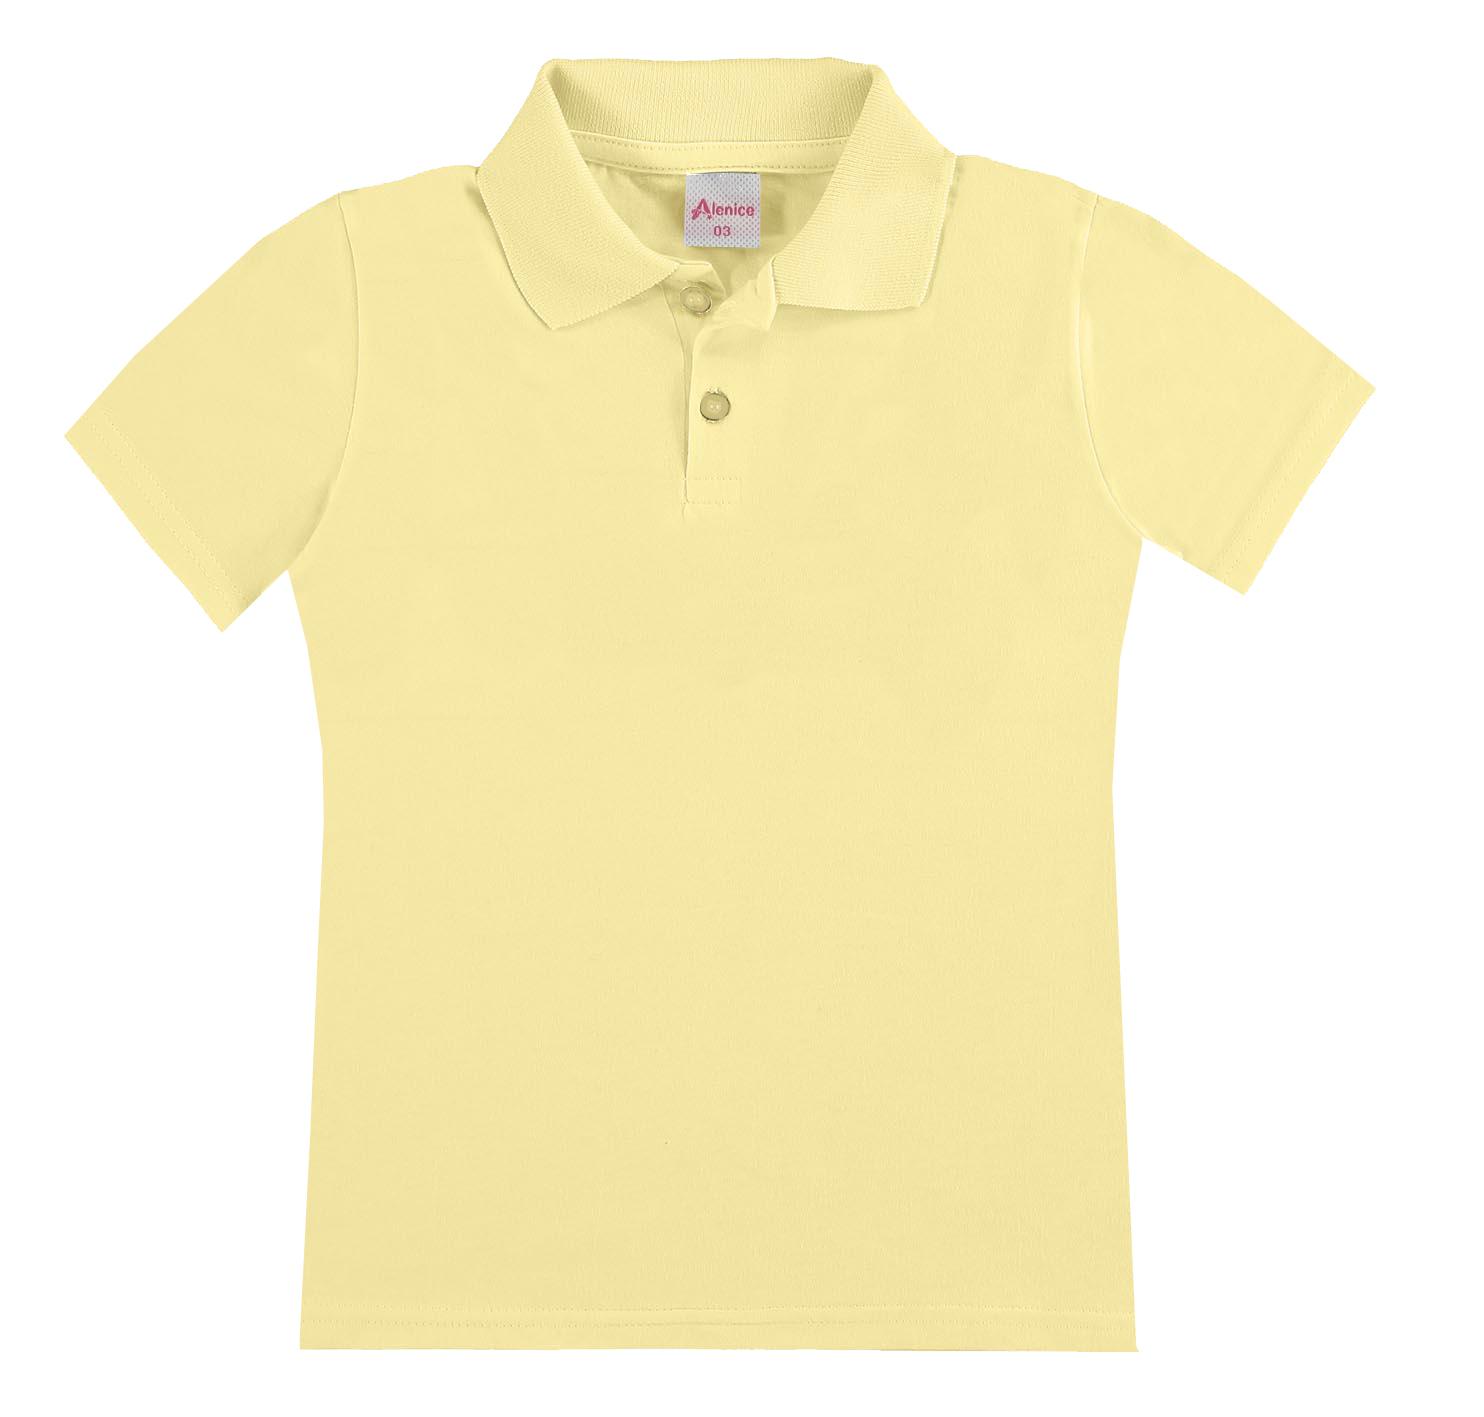 Camiseta Pólo Menina Amarelo Alenice